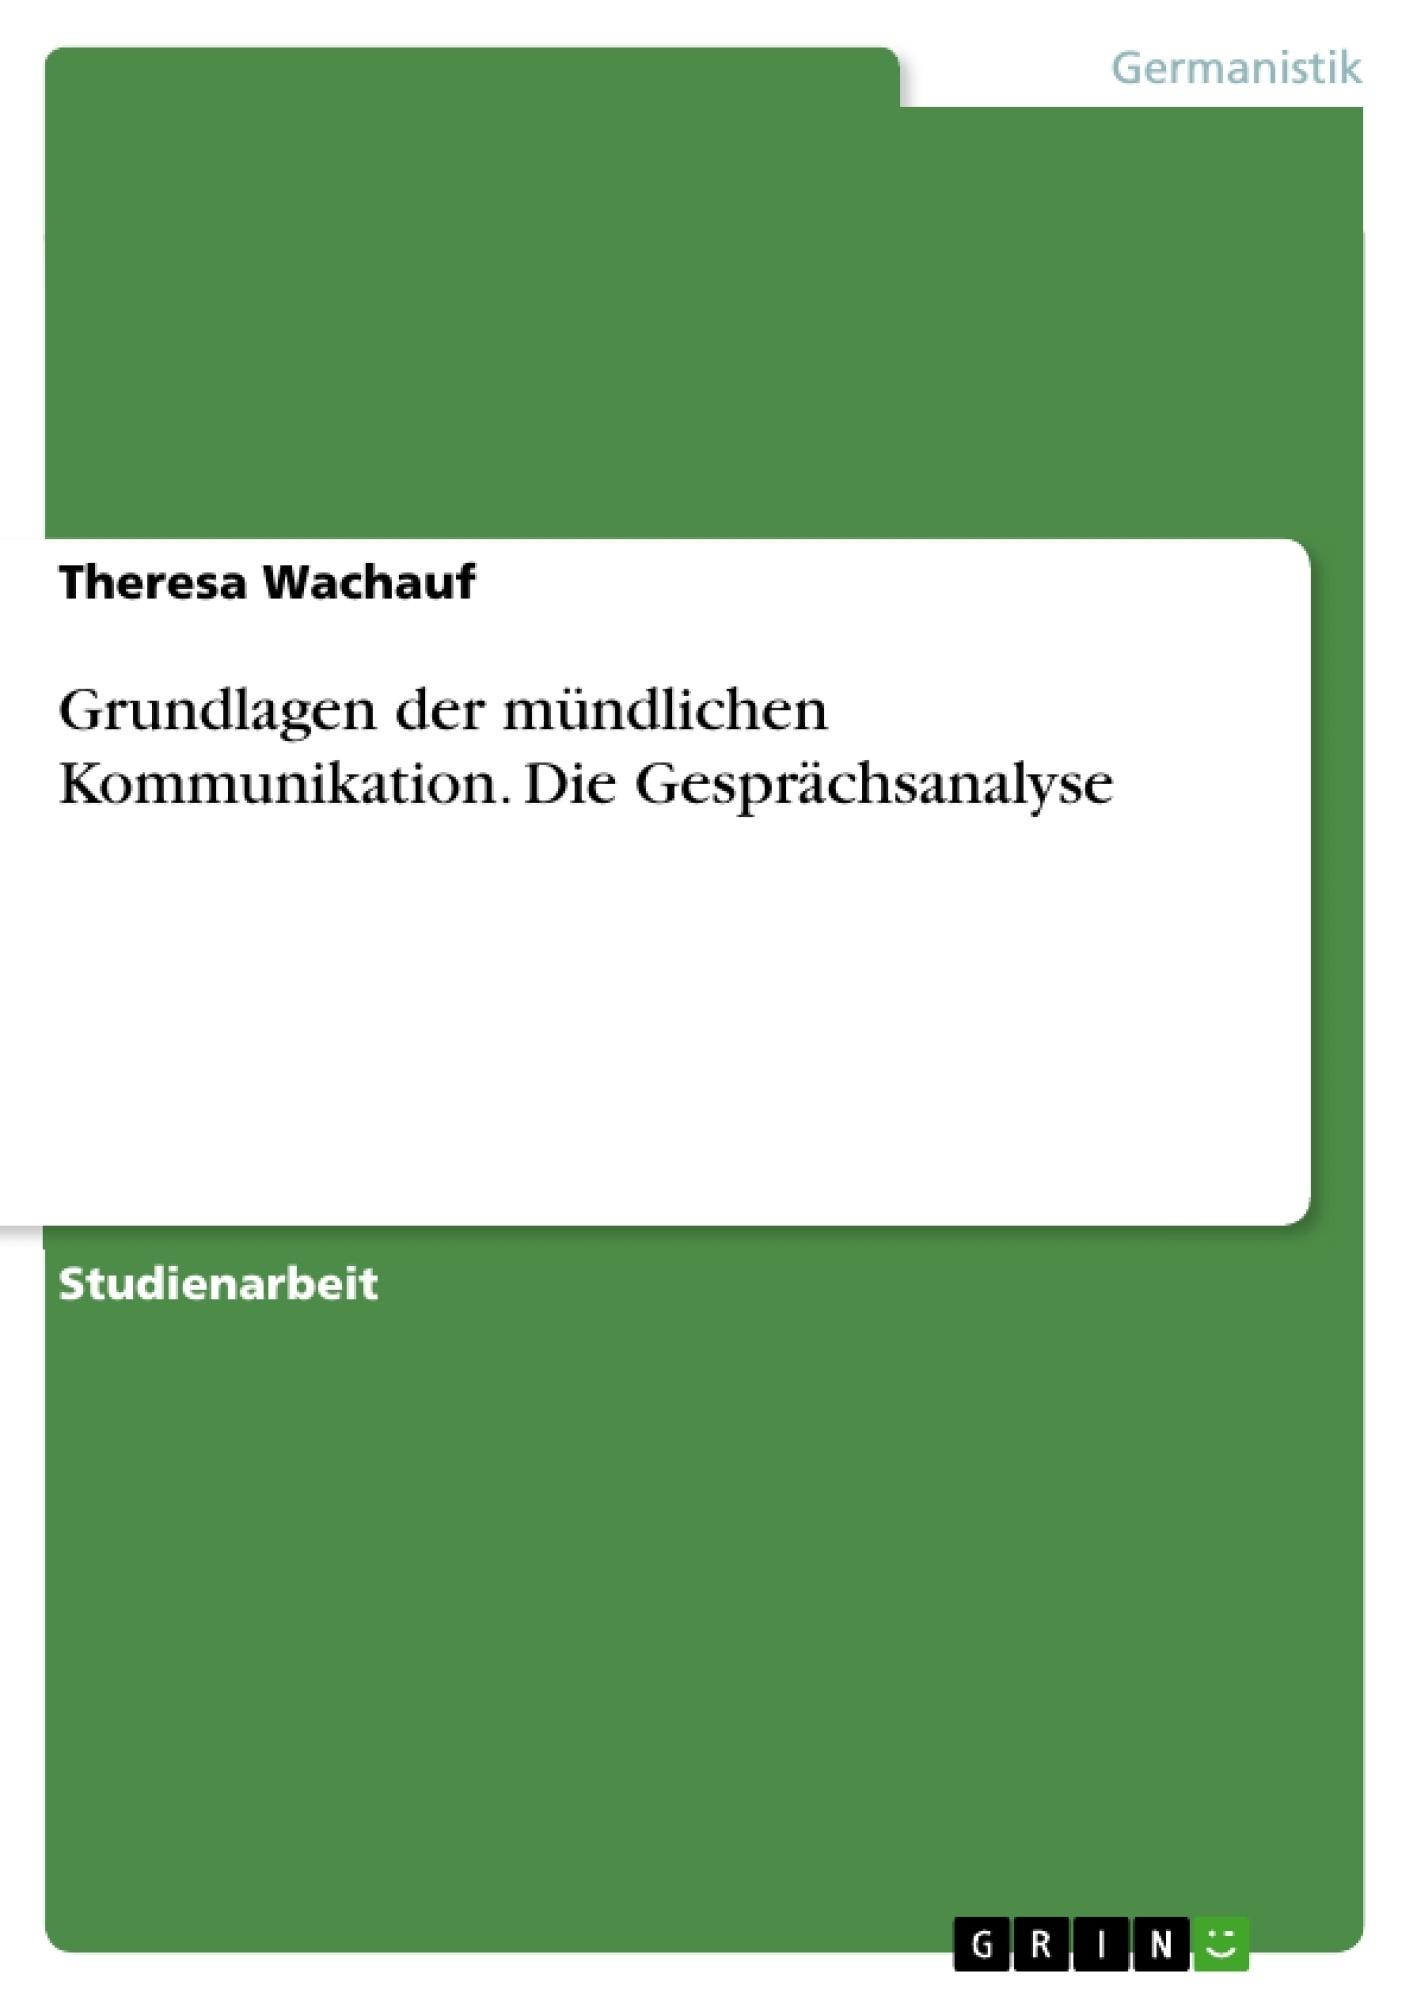 Titel: Grundlagen der mündlichen Kommunikation. Die Gesprächsanalyse